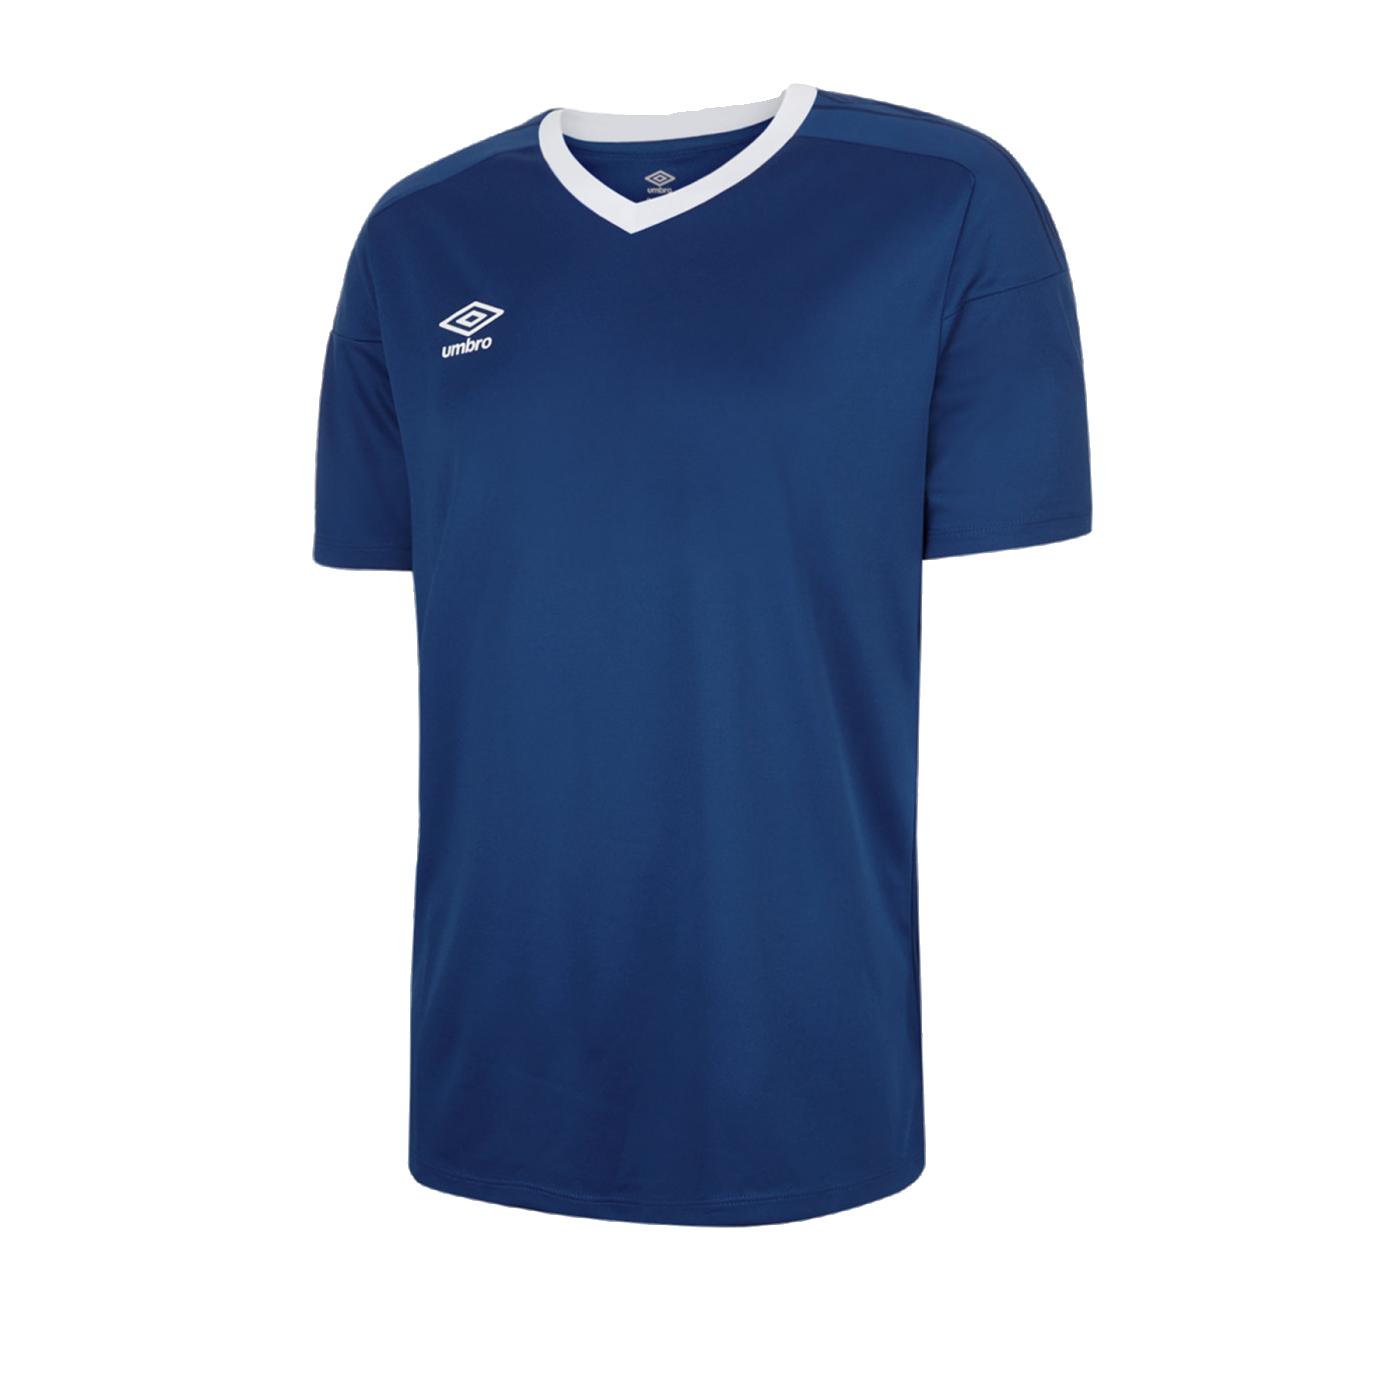 Umbro Legacy Trikot kurzarm Blau FES6 - Blau